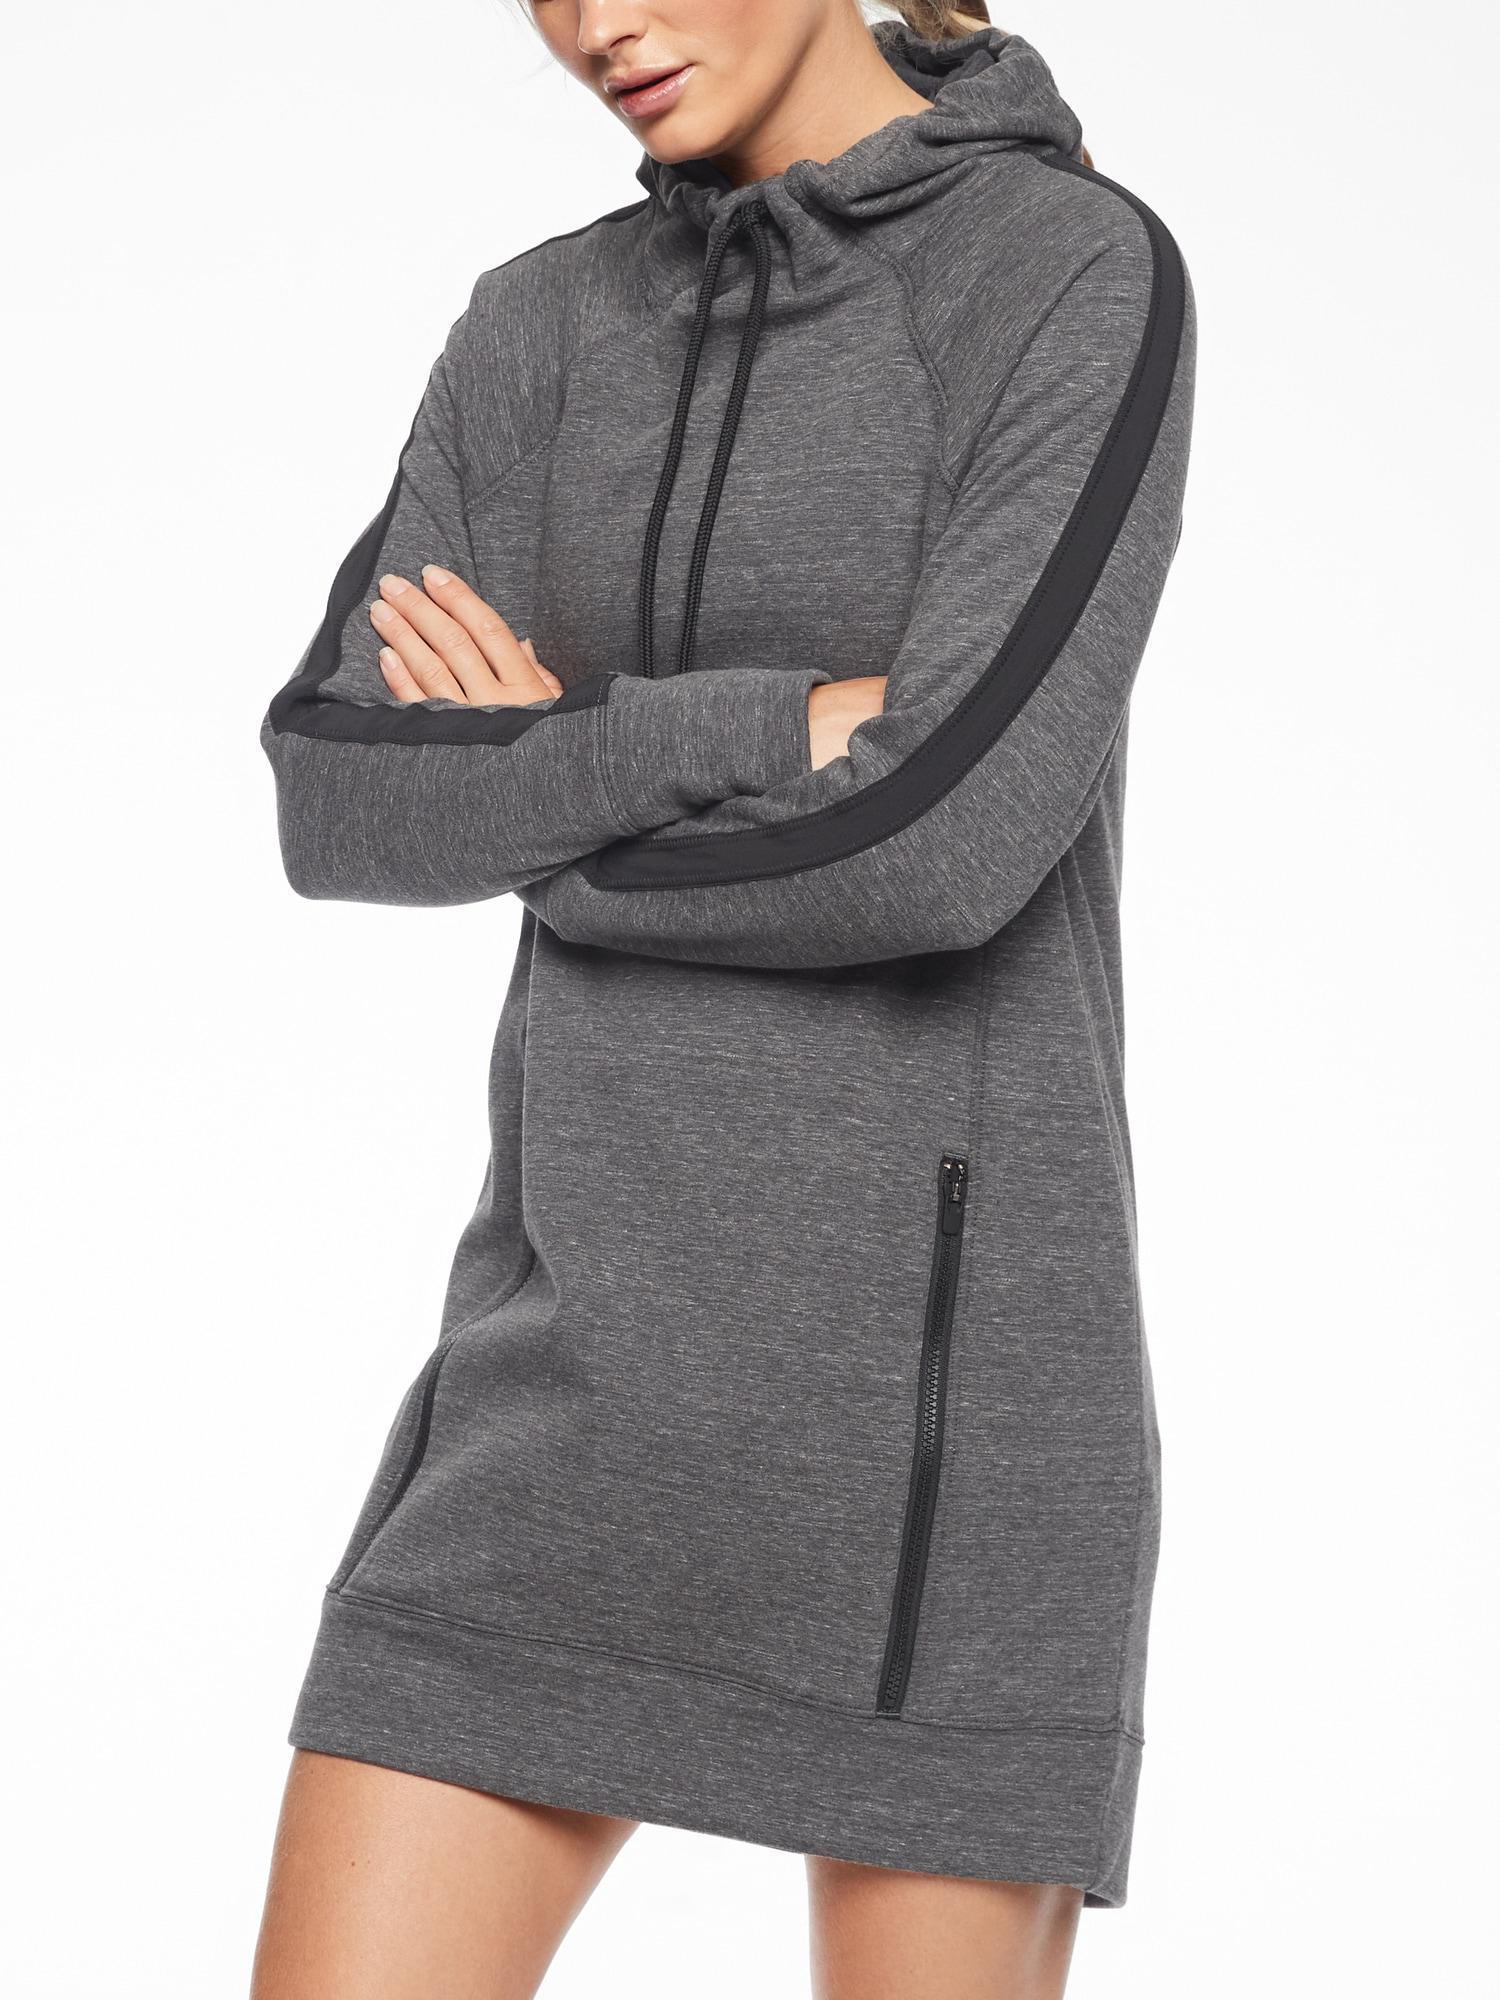 b91a023b810 Athleta Victory Sweatshirt Dress in Gray - Lyst